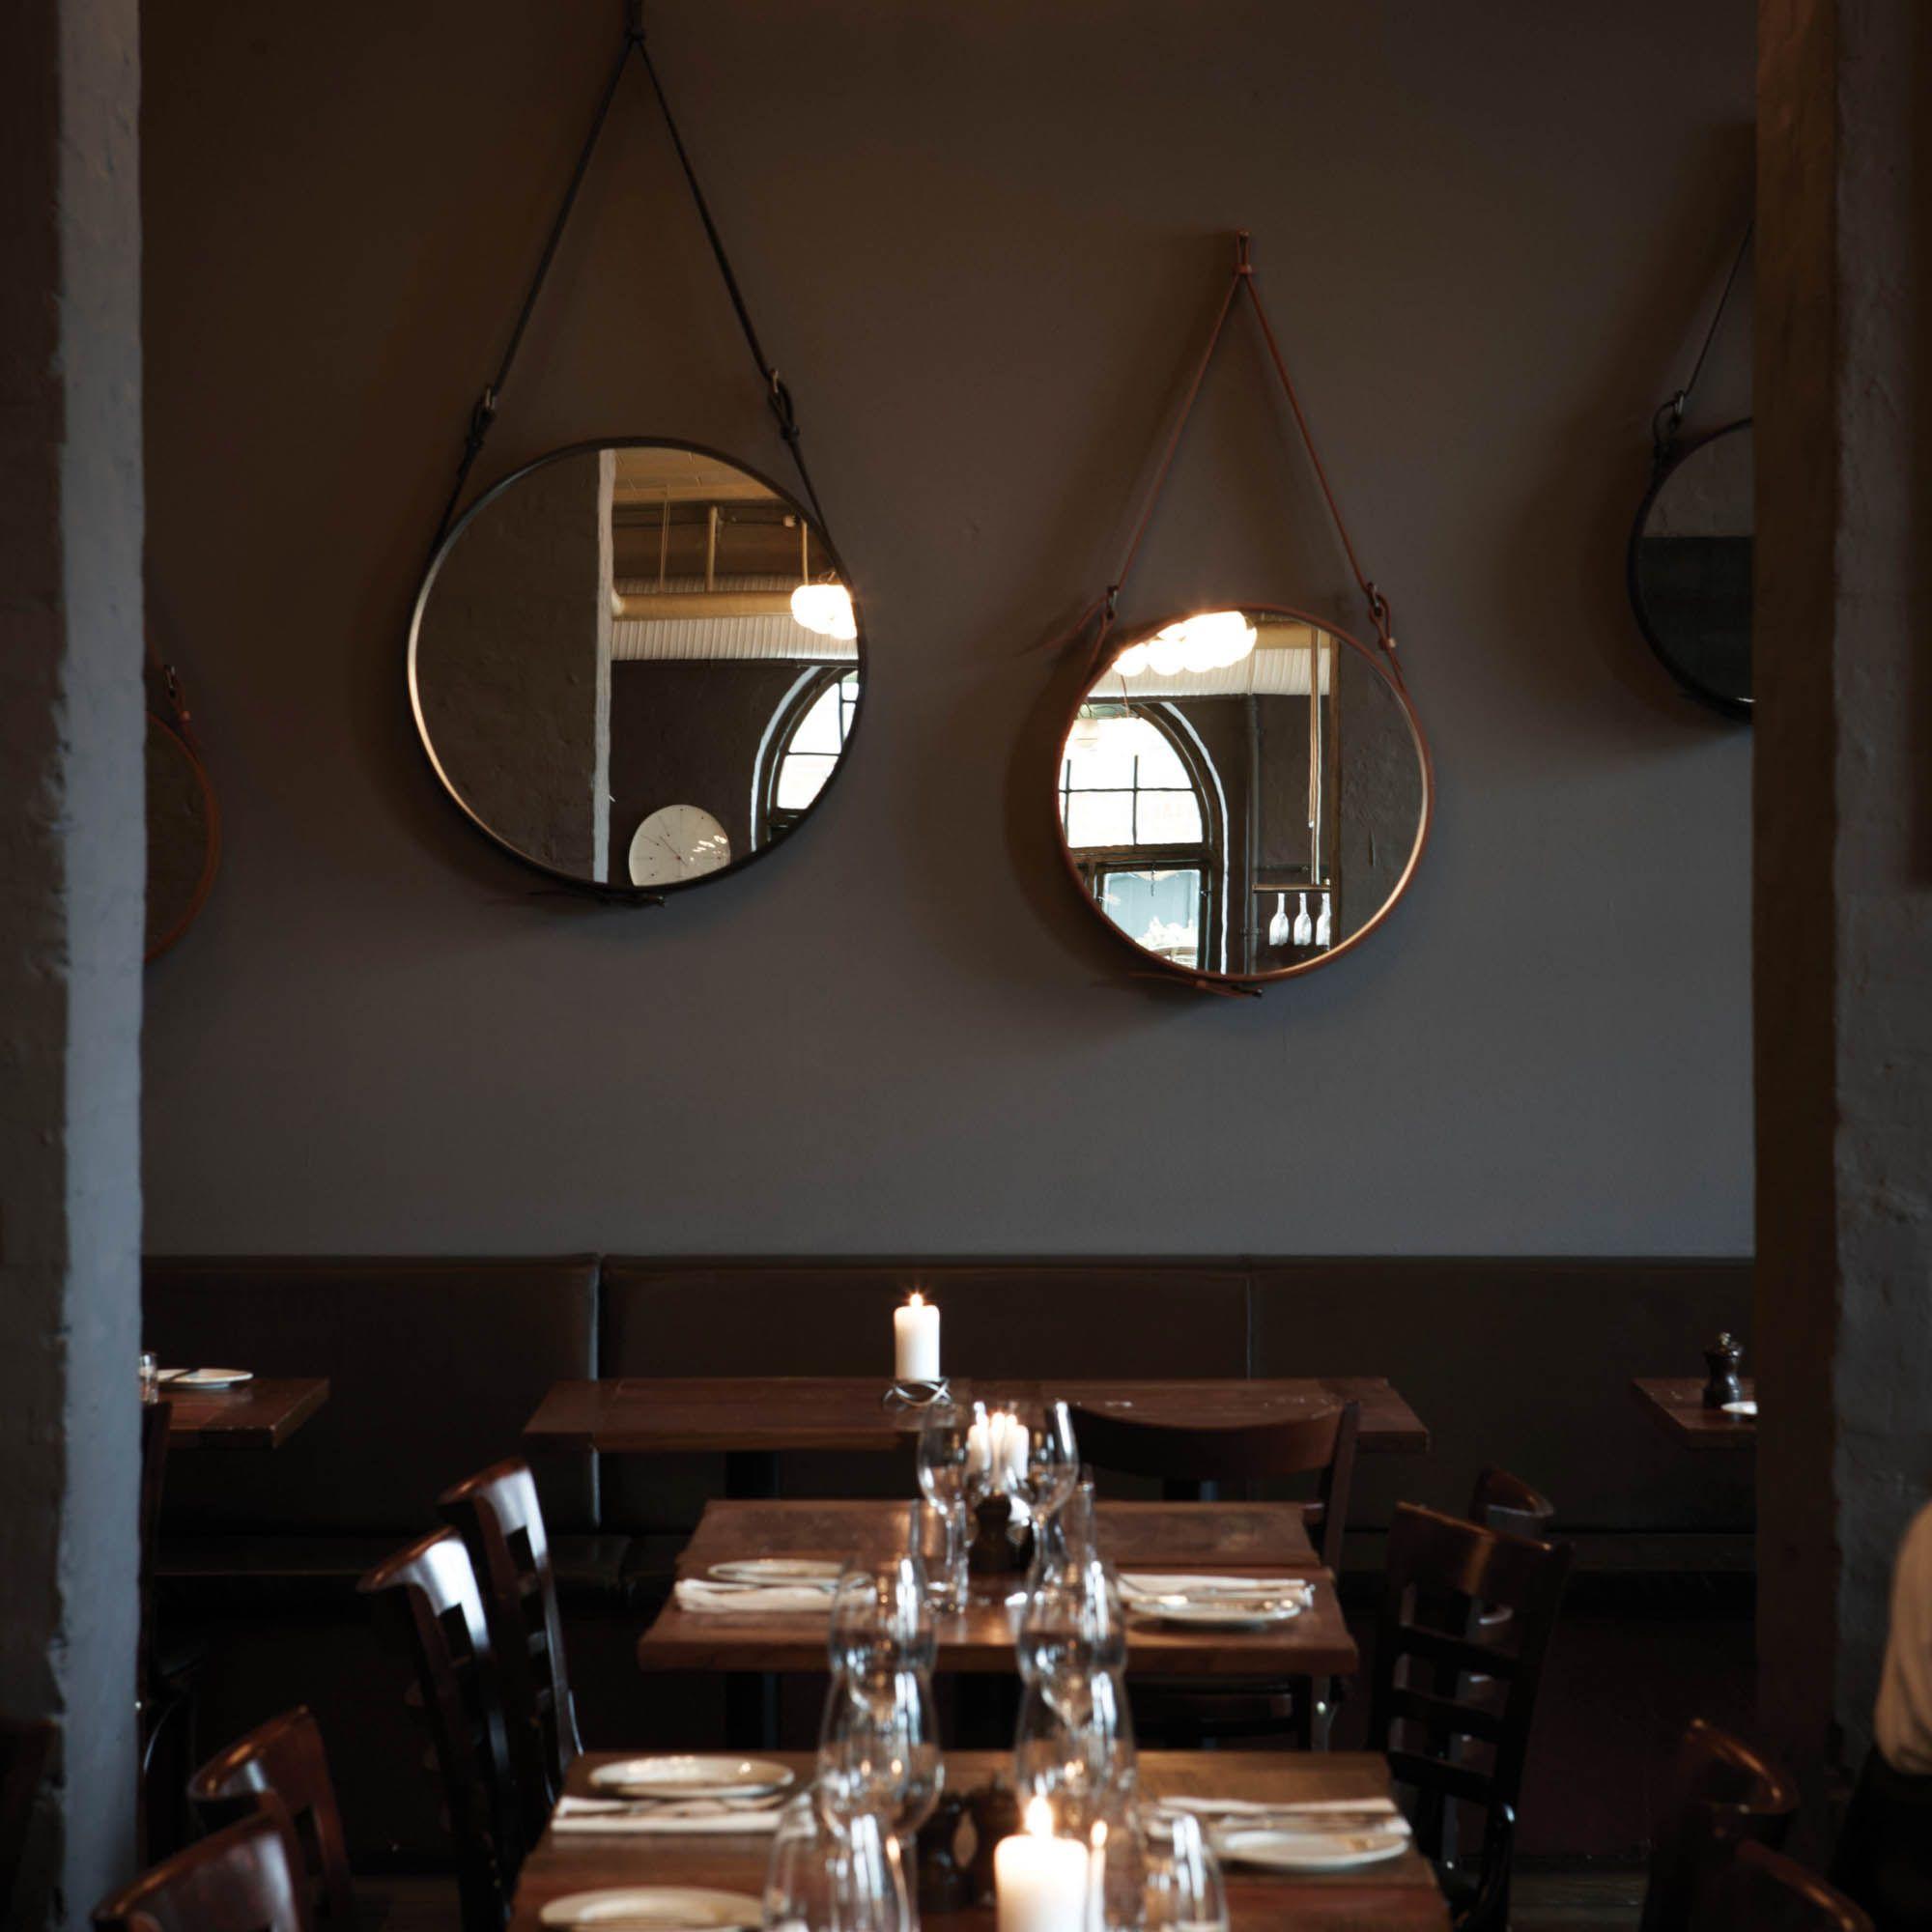 Gubi Wandspiegel Rund Adnet Glas Leder Braun Wandspiegel